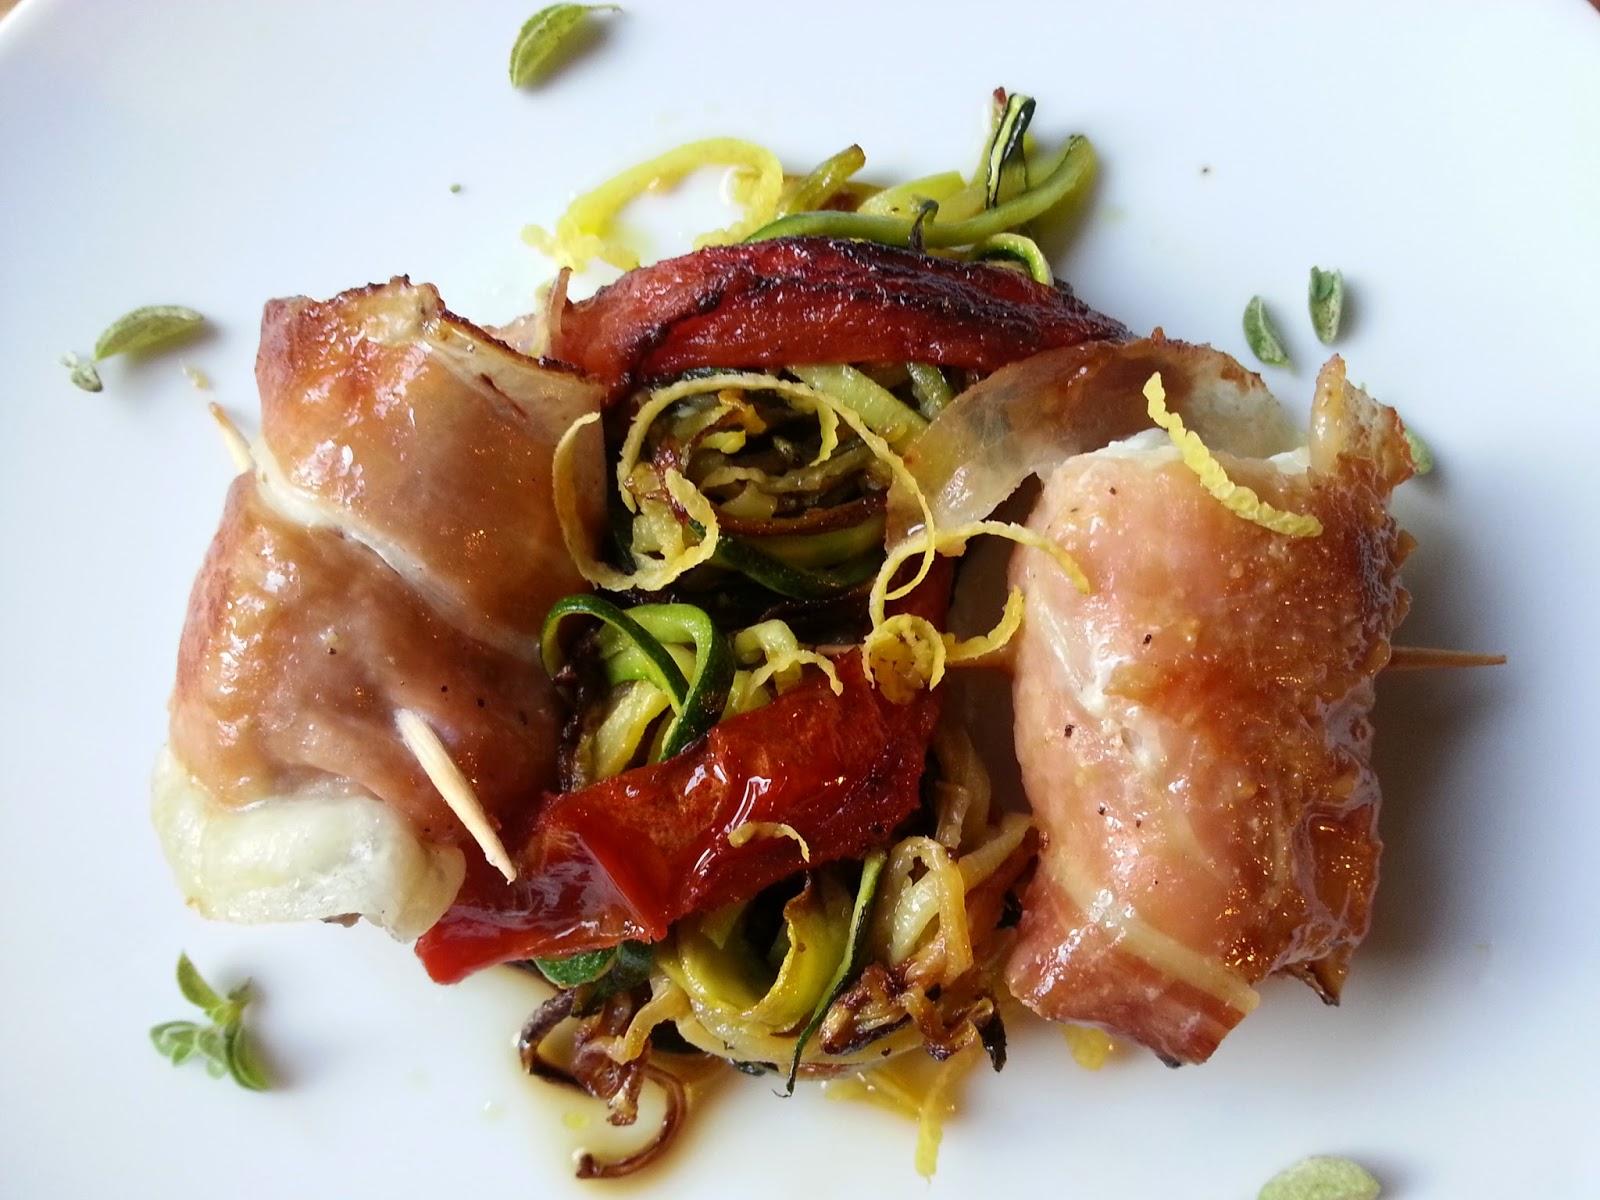 bocconcini di rana pescatrice allo speck con spaghetti di zucchine e filetti di san marzano